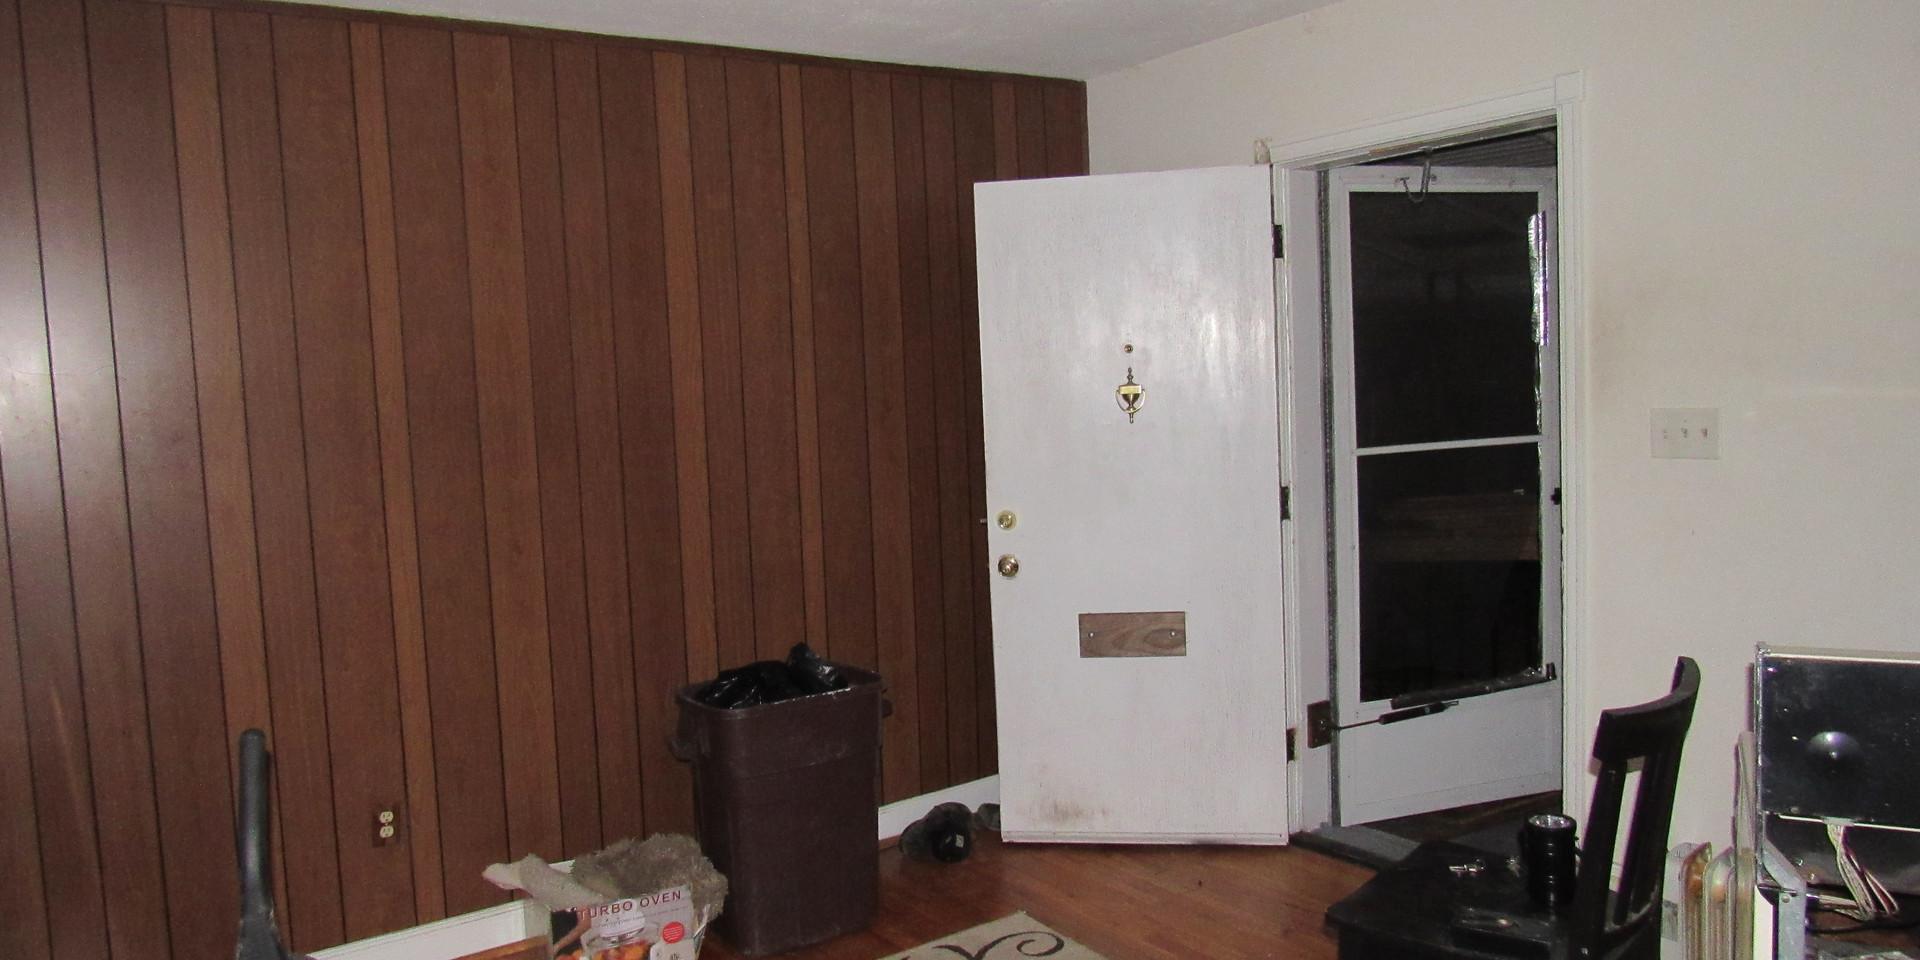 05 Living Room: Entry.JPG